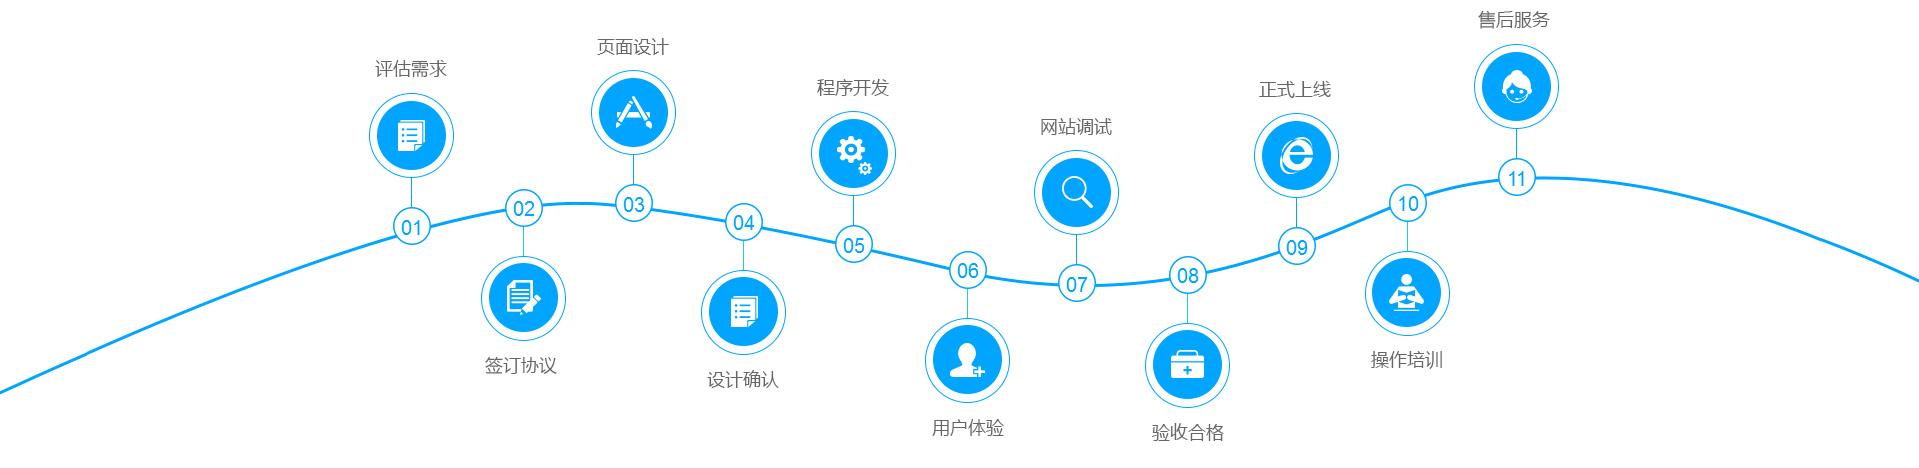 易网集团服务流程